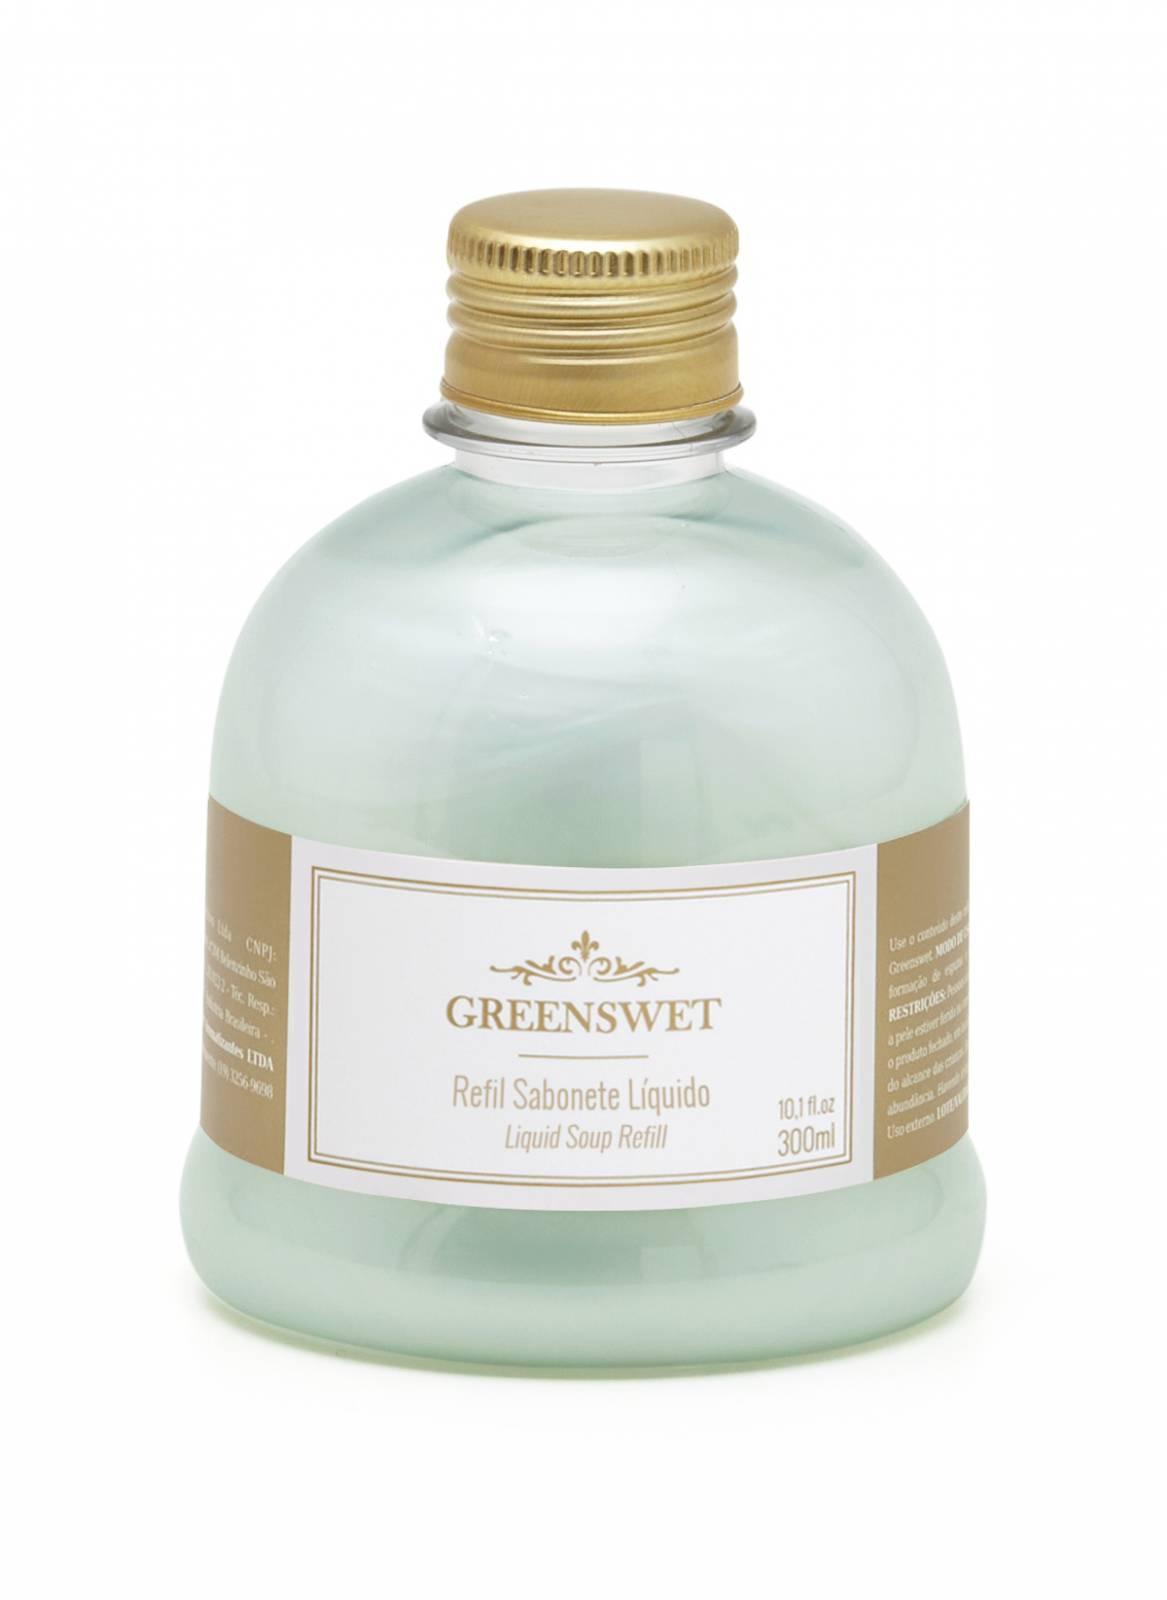 Refil Sabonete Liquido 300 ml Essência Alecrim - Greenswet Aromatizantes